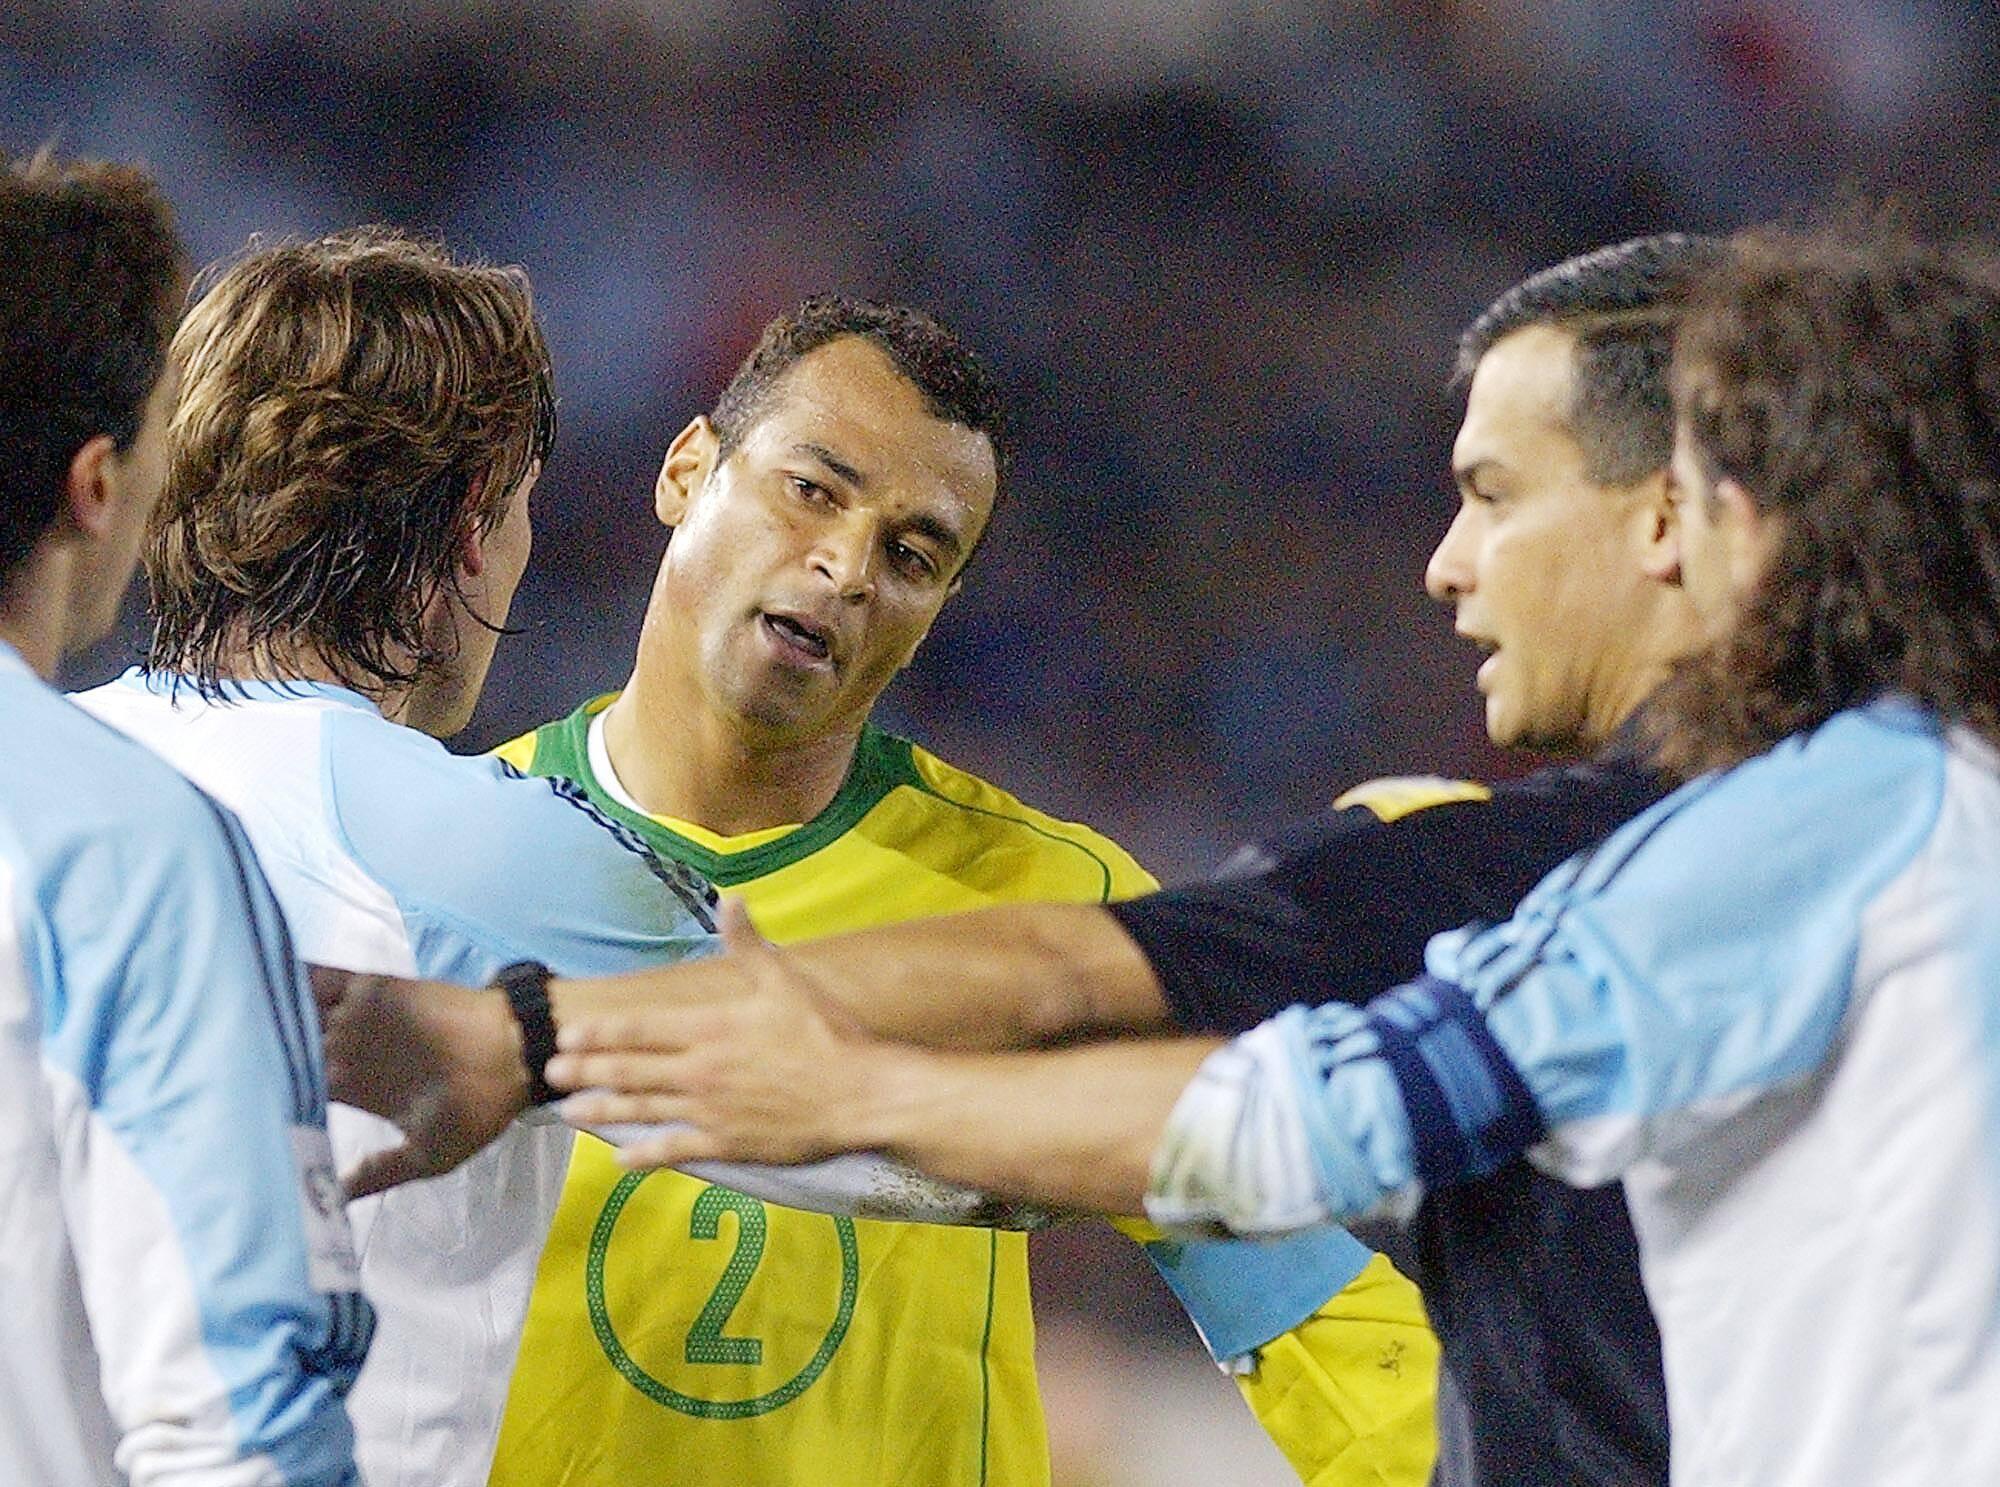 08/06/2005 - Eliminatórias - Cafu discute com Crespo no Monumental. Foto: AP